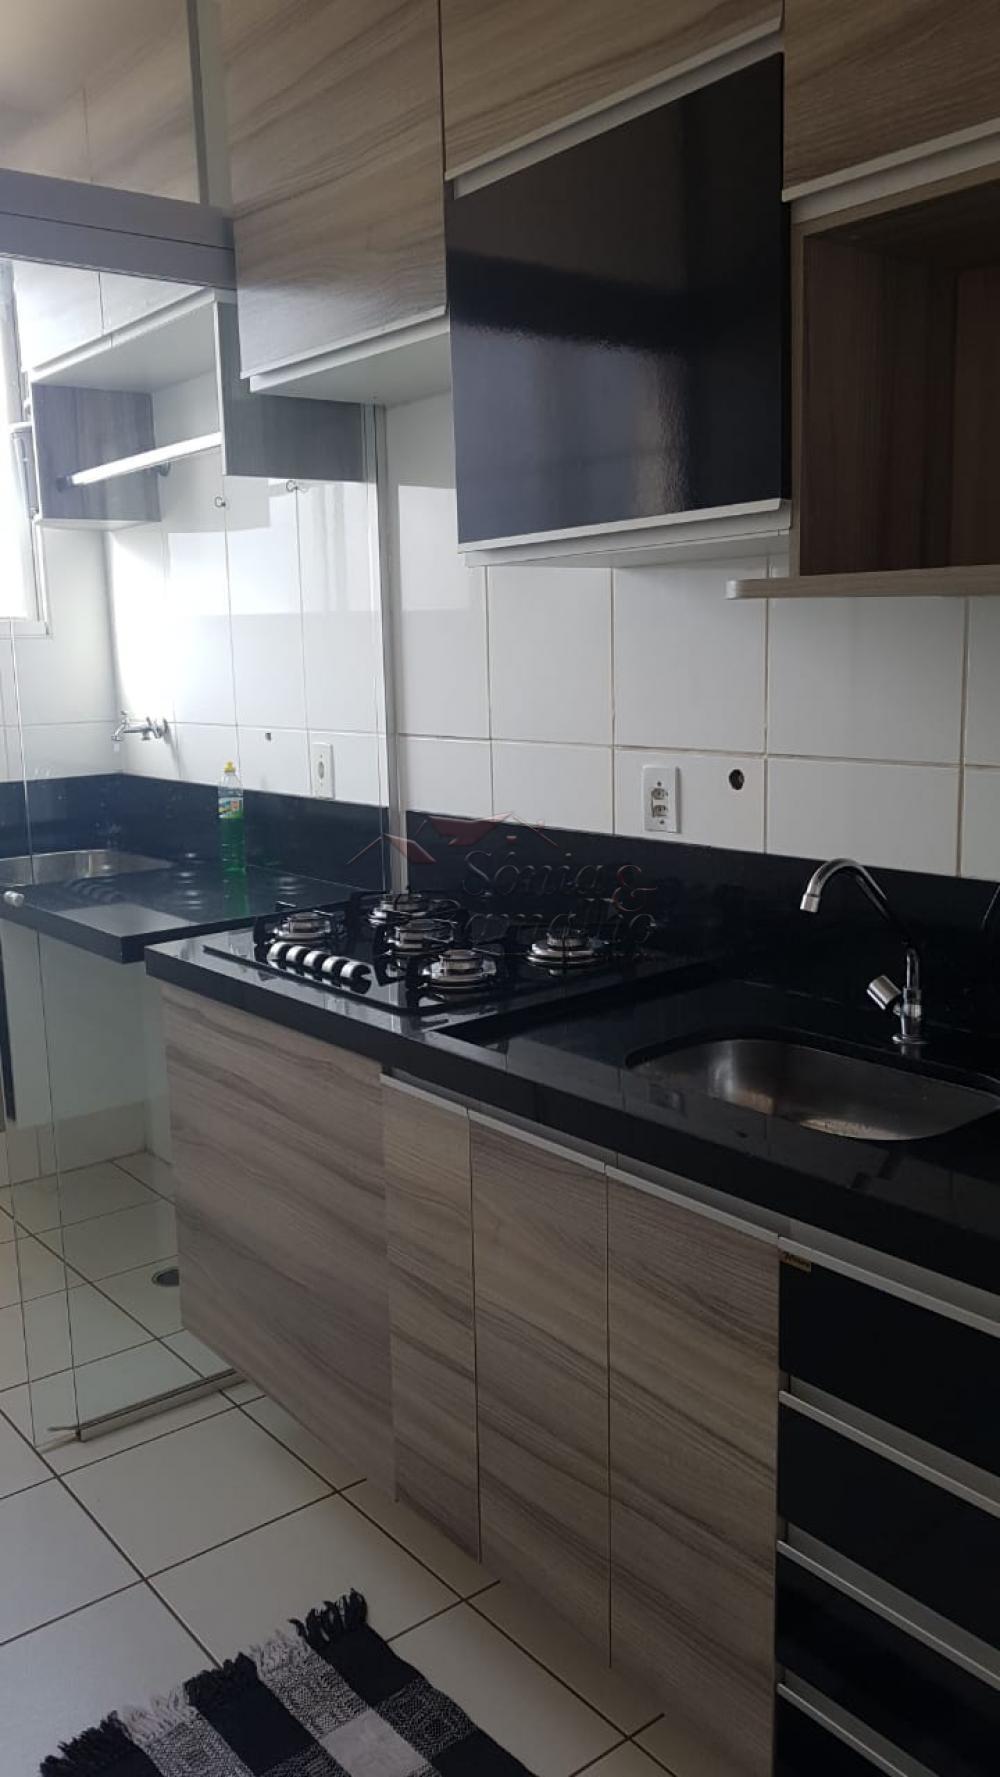 Alugar Apartamentos / Padrão em Ribeirão Preto apenas R$ 1.150,00 - Foto 9